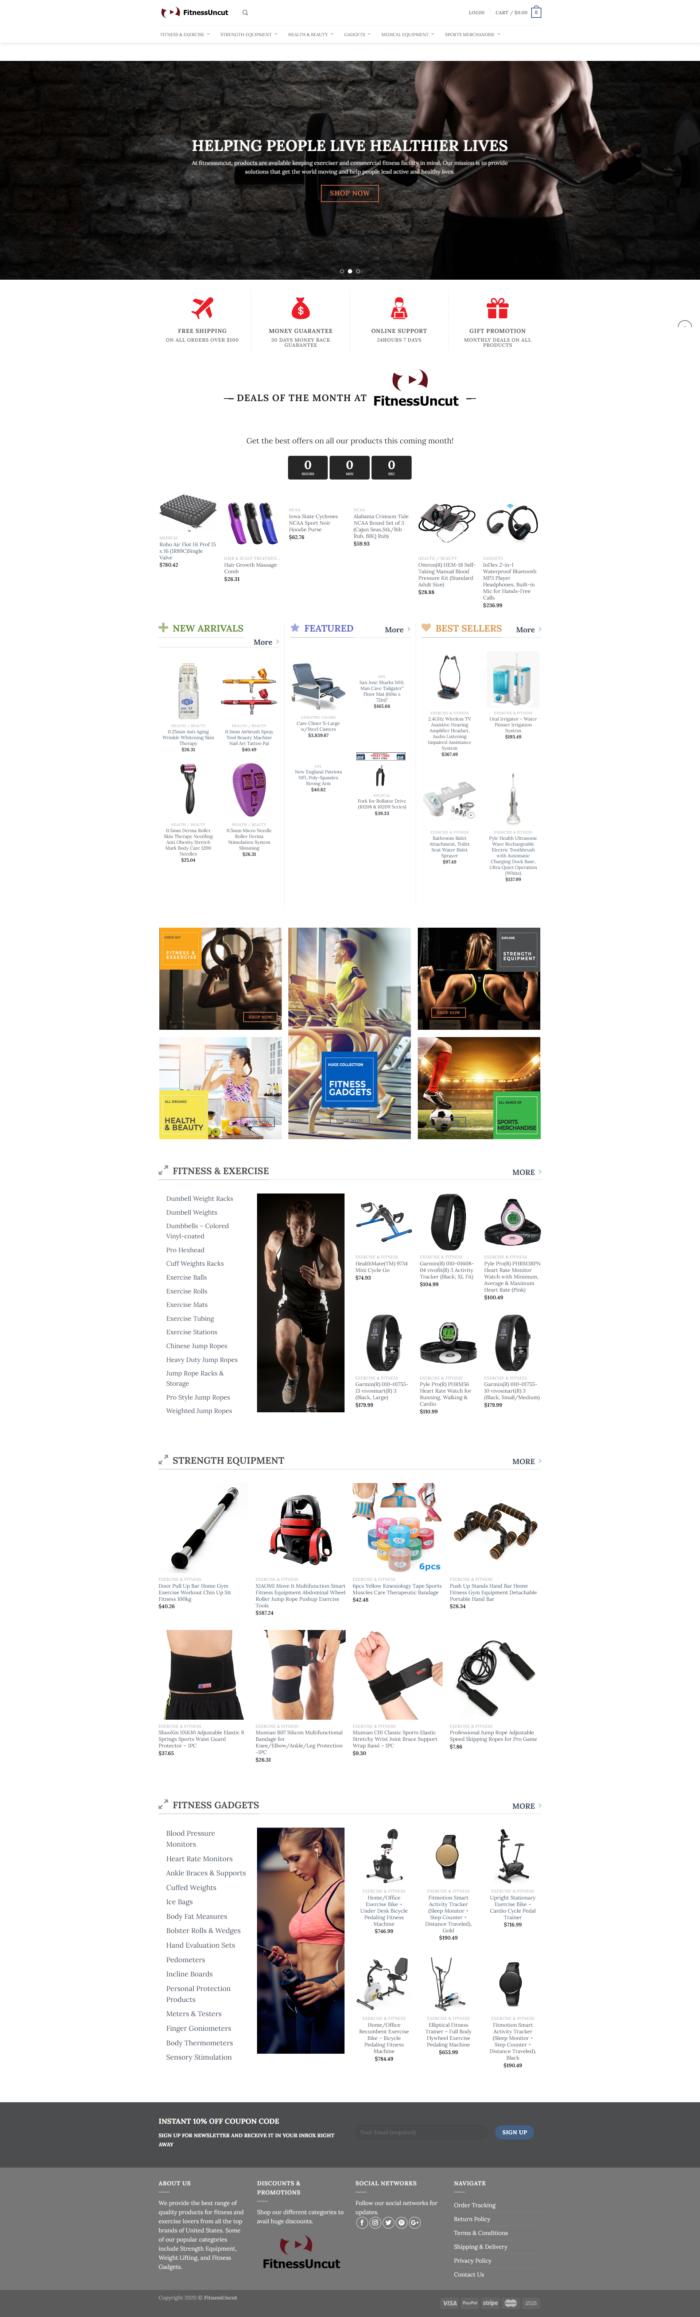 Fitness Uncut – Latest Fitness Sports Gadgets